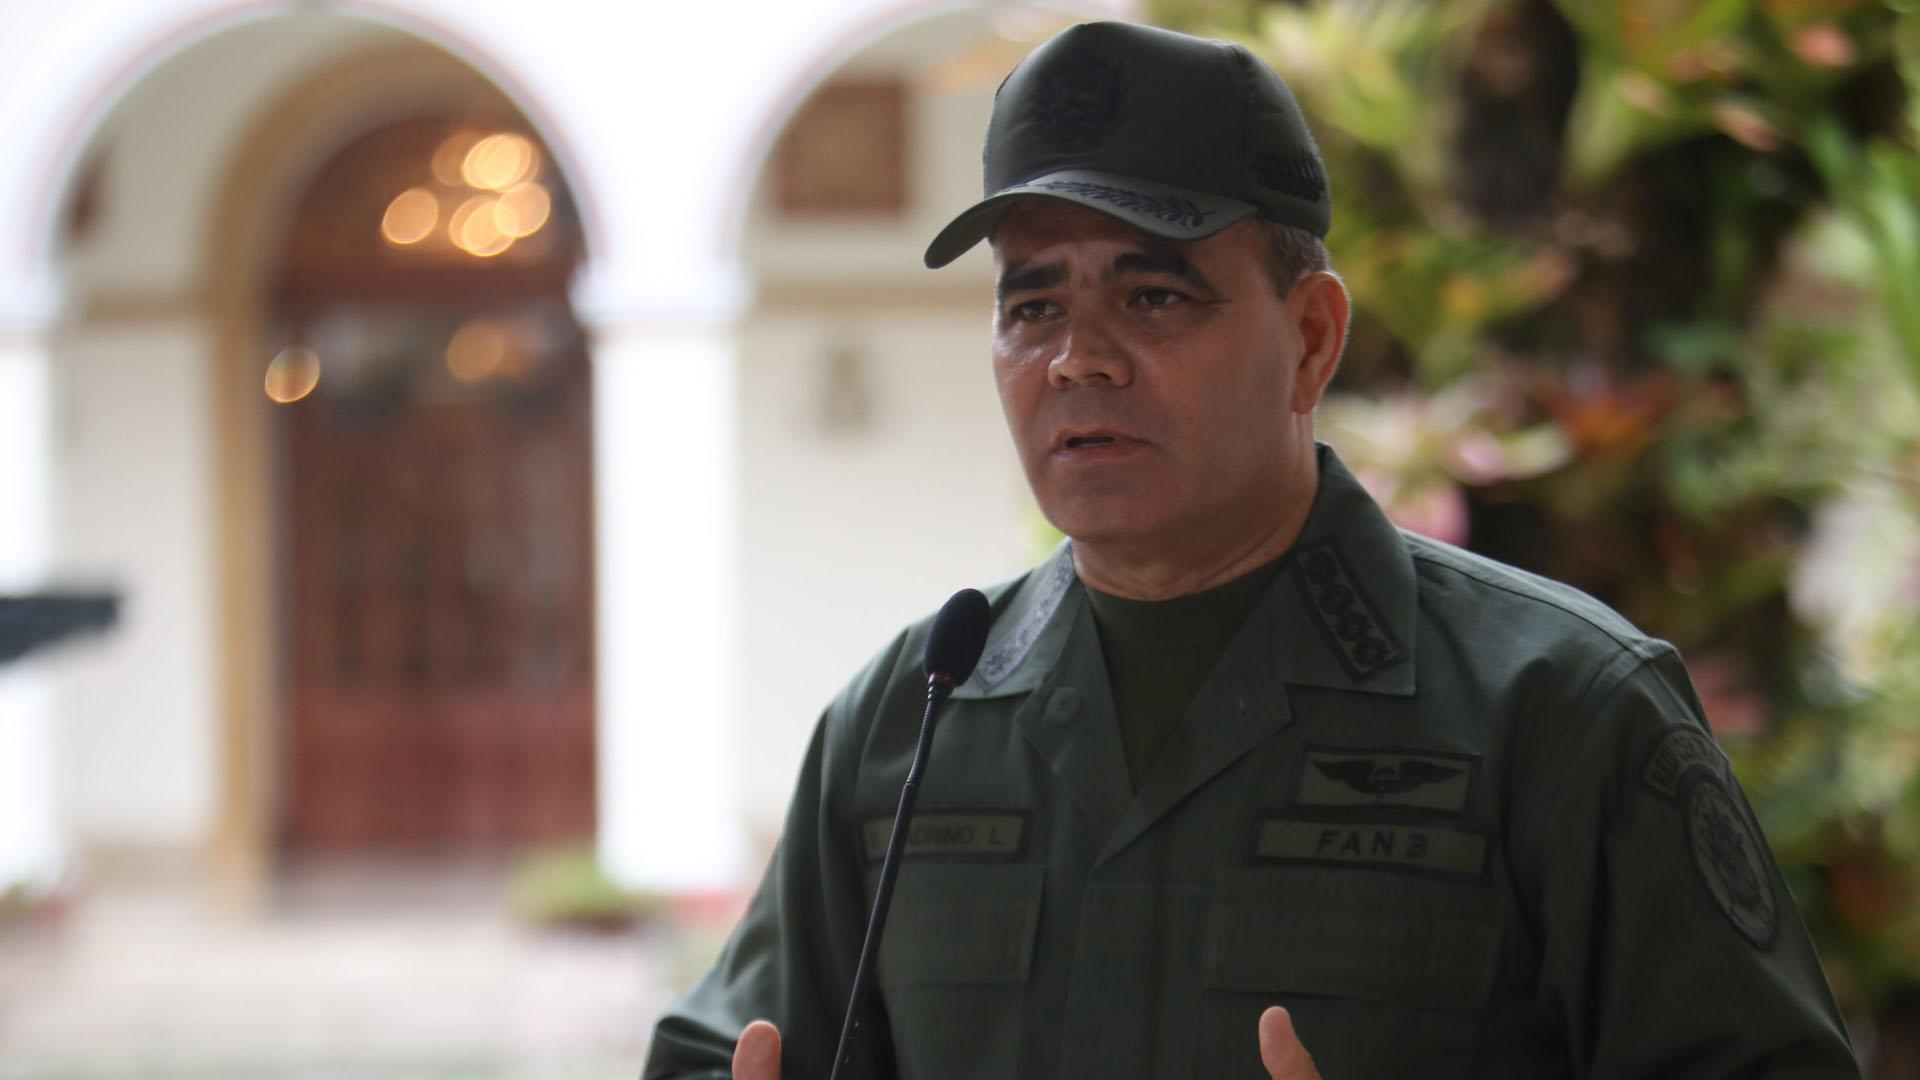 El ministro de la defensa informó que estarán desplegados en todo el territorio nacional durante el asueto de la Semana Mayor